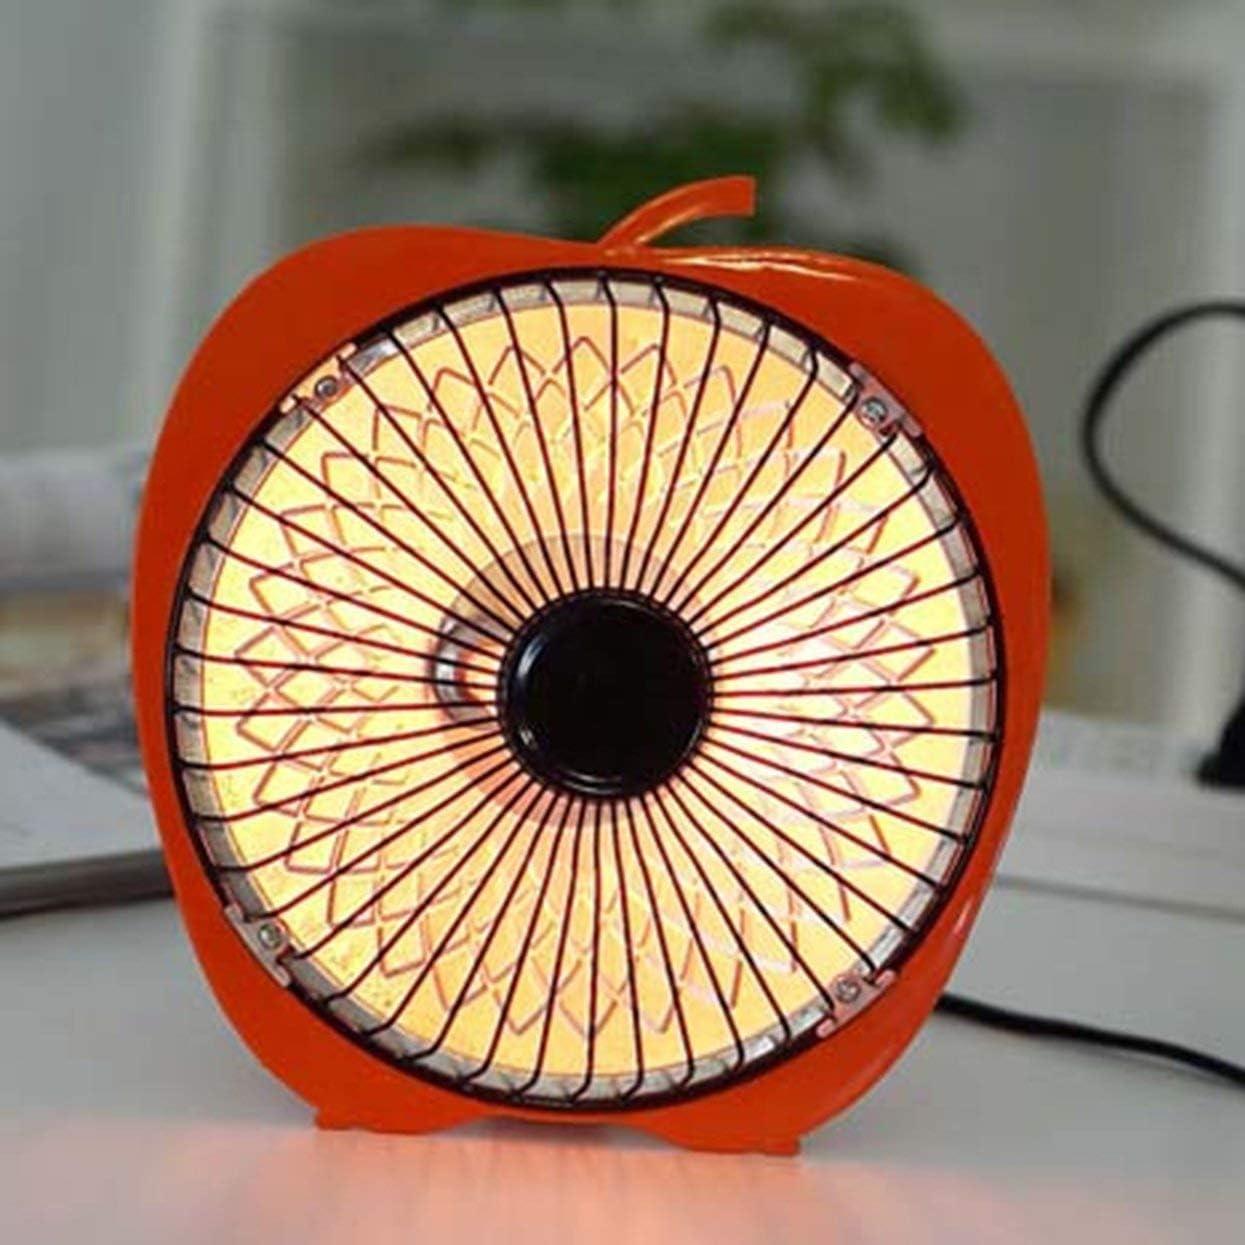 Hiver Mini solaire cr/éatif 6 pouces Cartoon radiateur /électrique bureau bureau chauffage petit ventilateur de chauffage orange